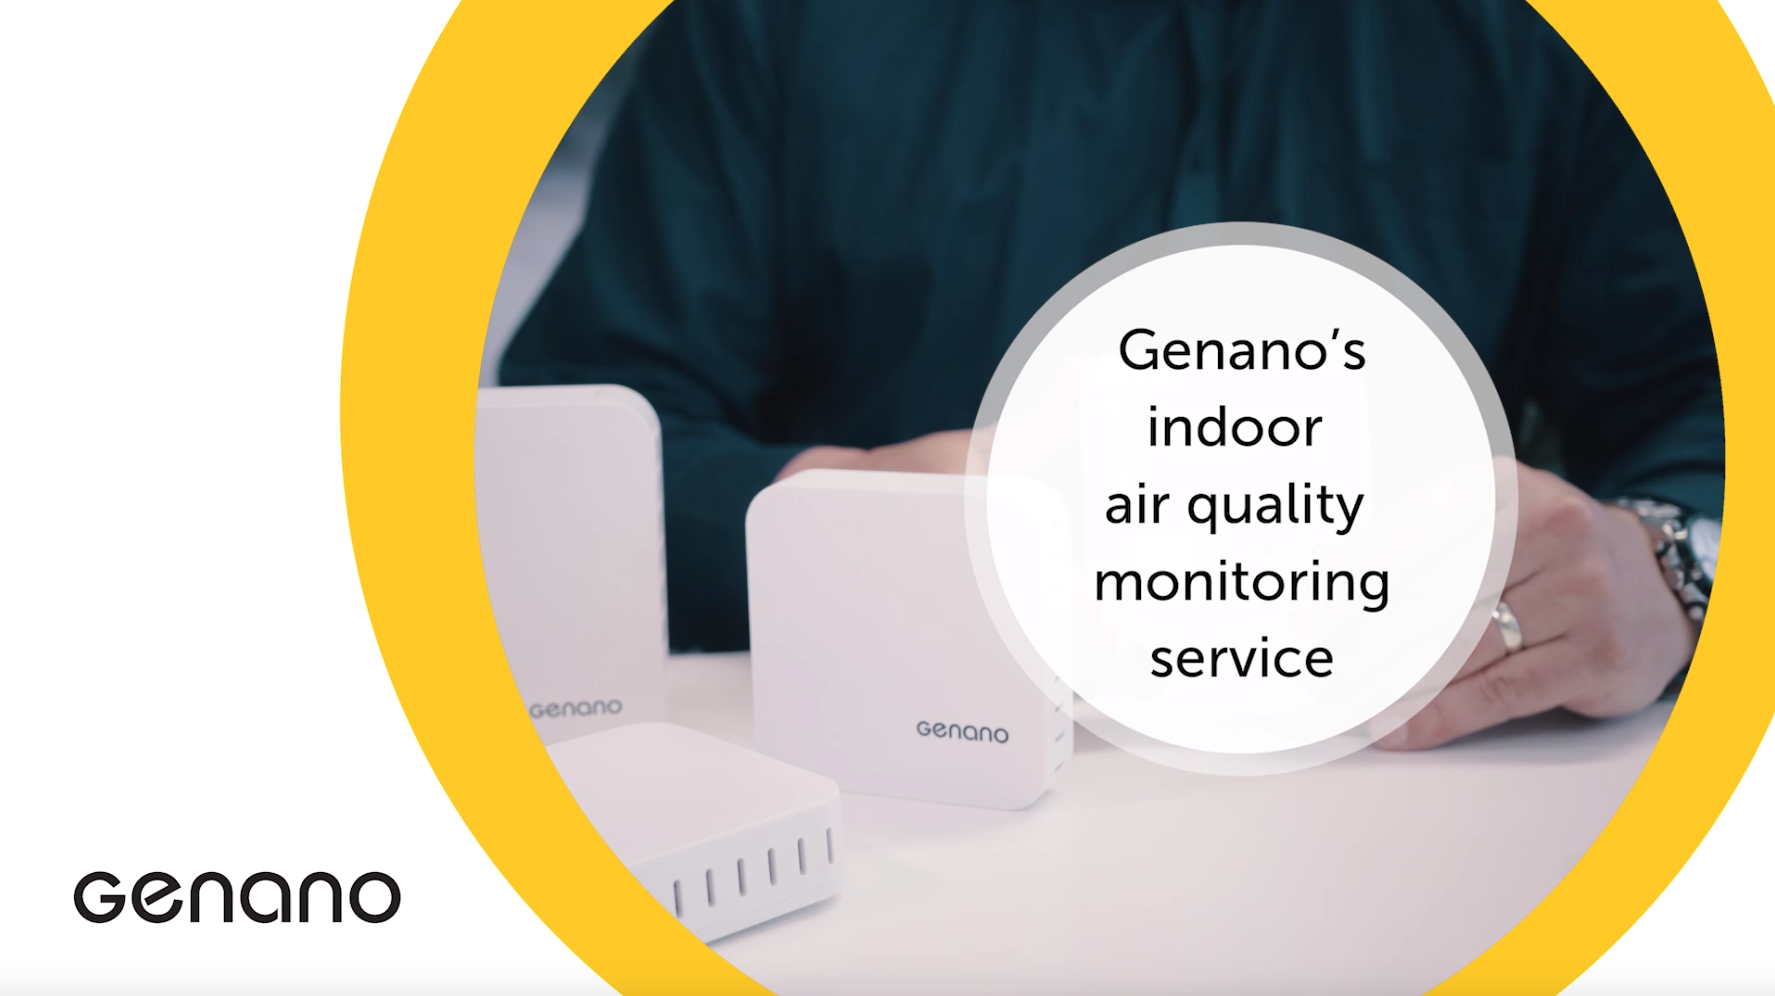 genano-sisäilmapalvelut_video1_EN_HD